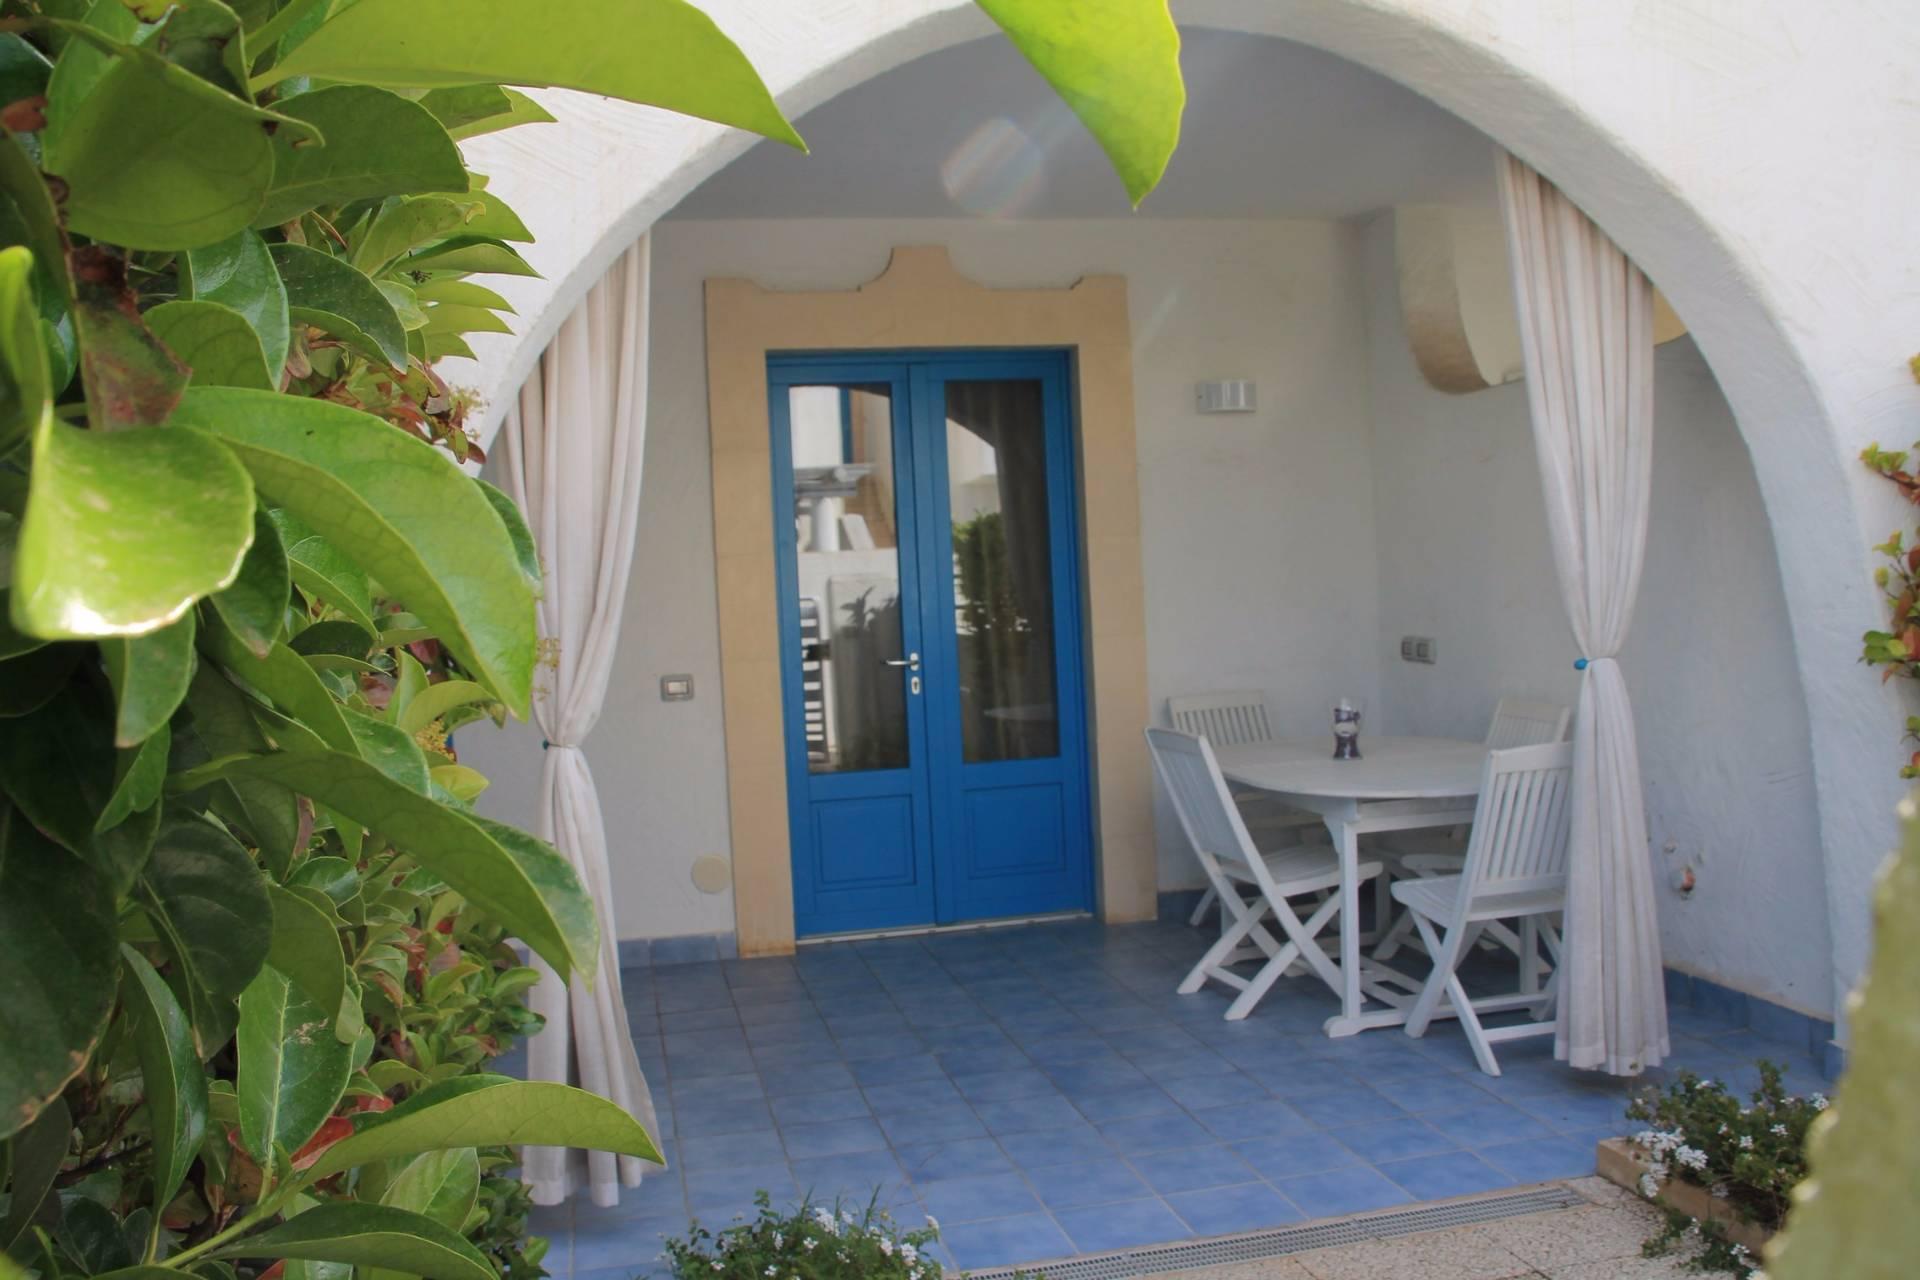 Appartamento in vendita a Ispica, 2 locali, zona Località: S.aMariadelFocallo, prezzo € 170.000 | Cambio Casa.it